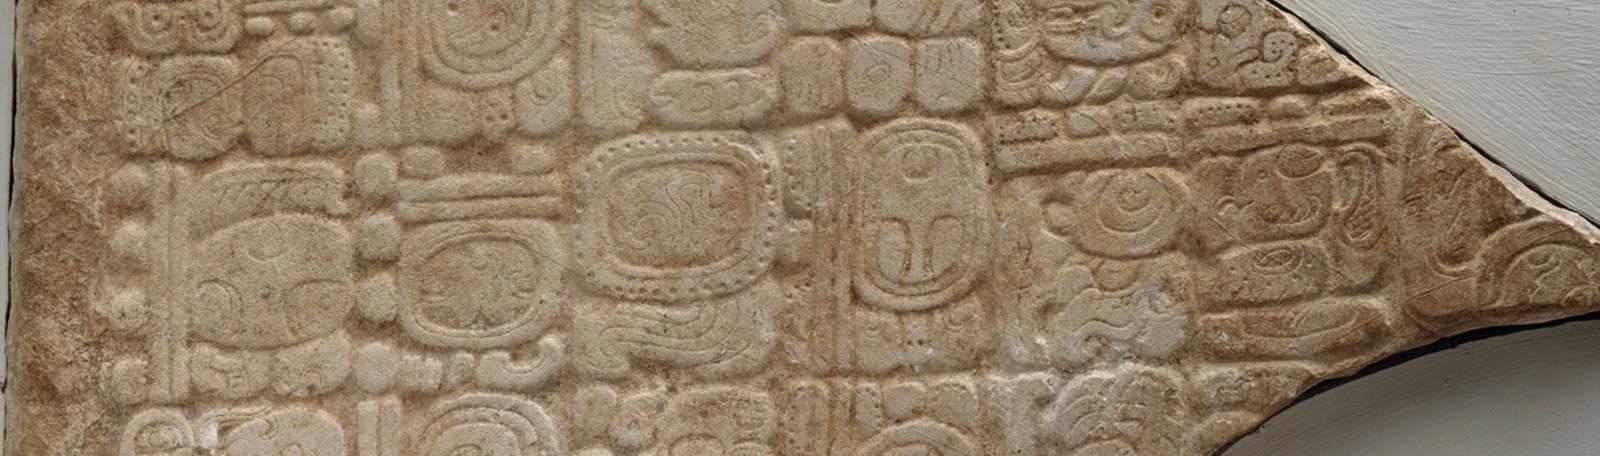 Ancient Maya writing: A brief history of Maya scripts - The